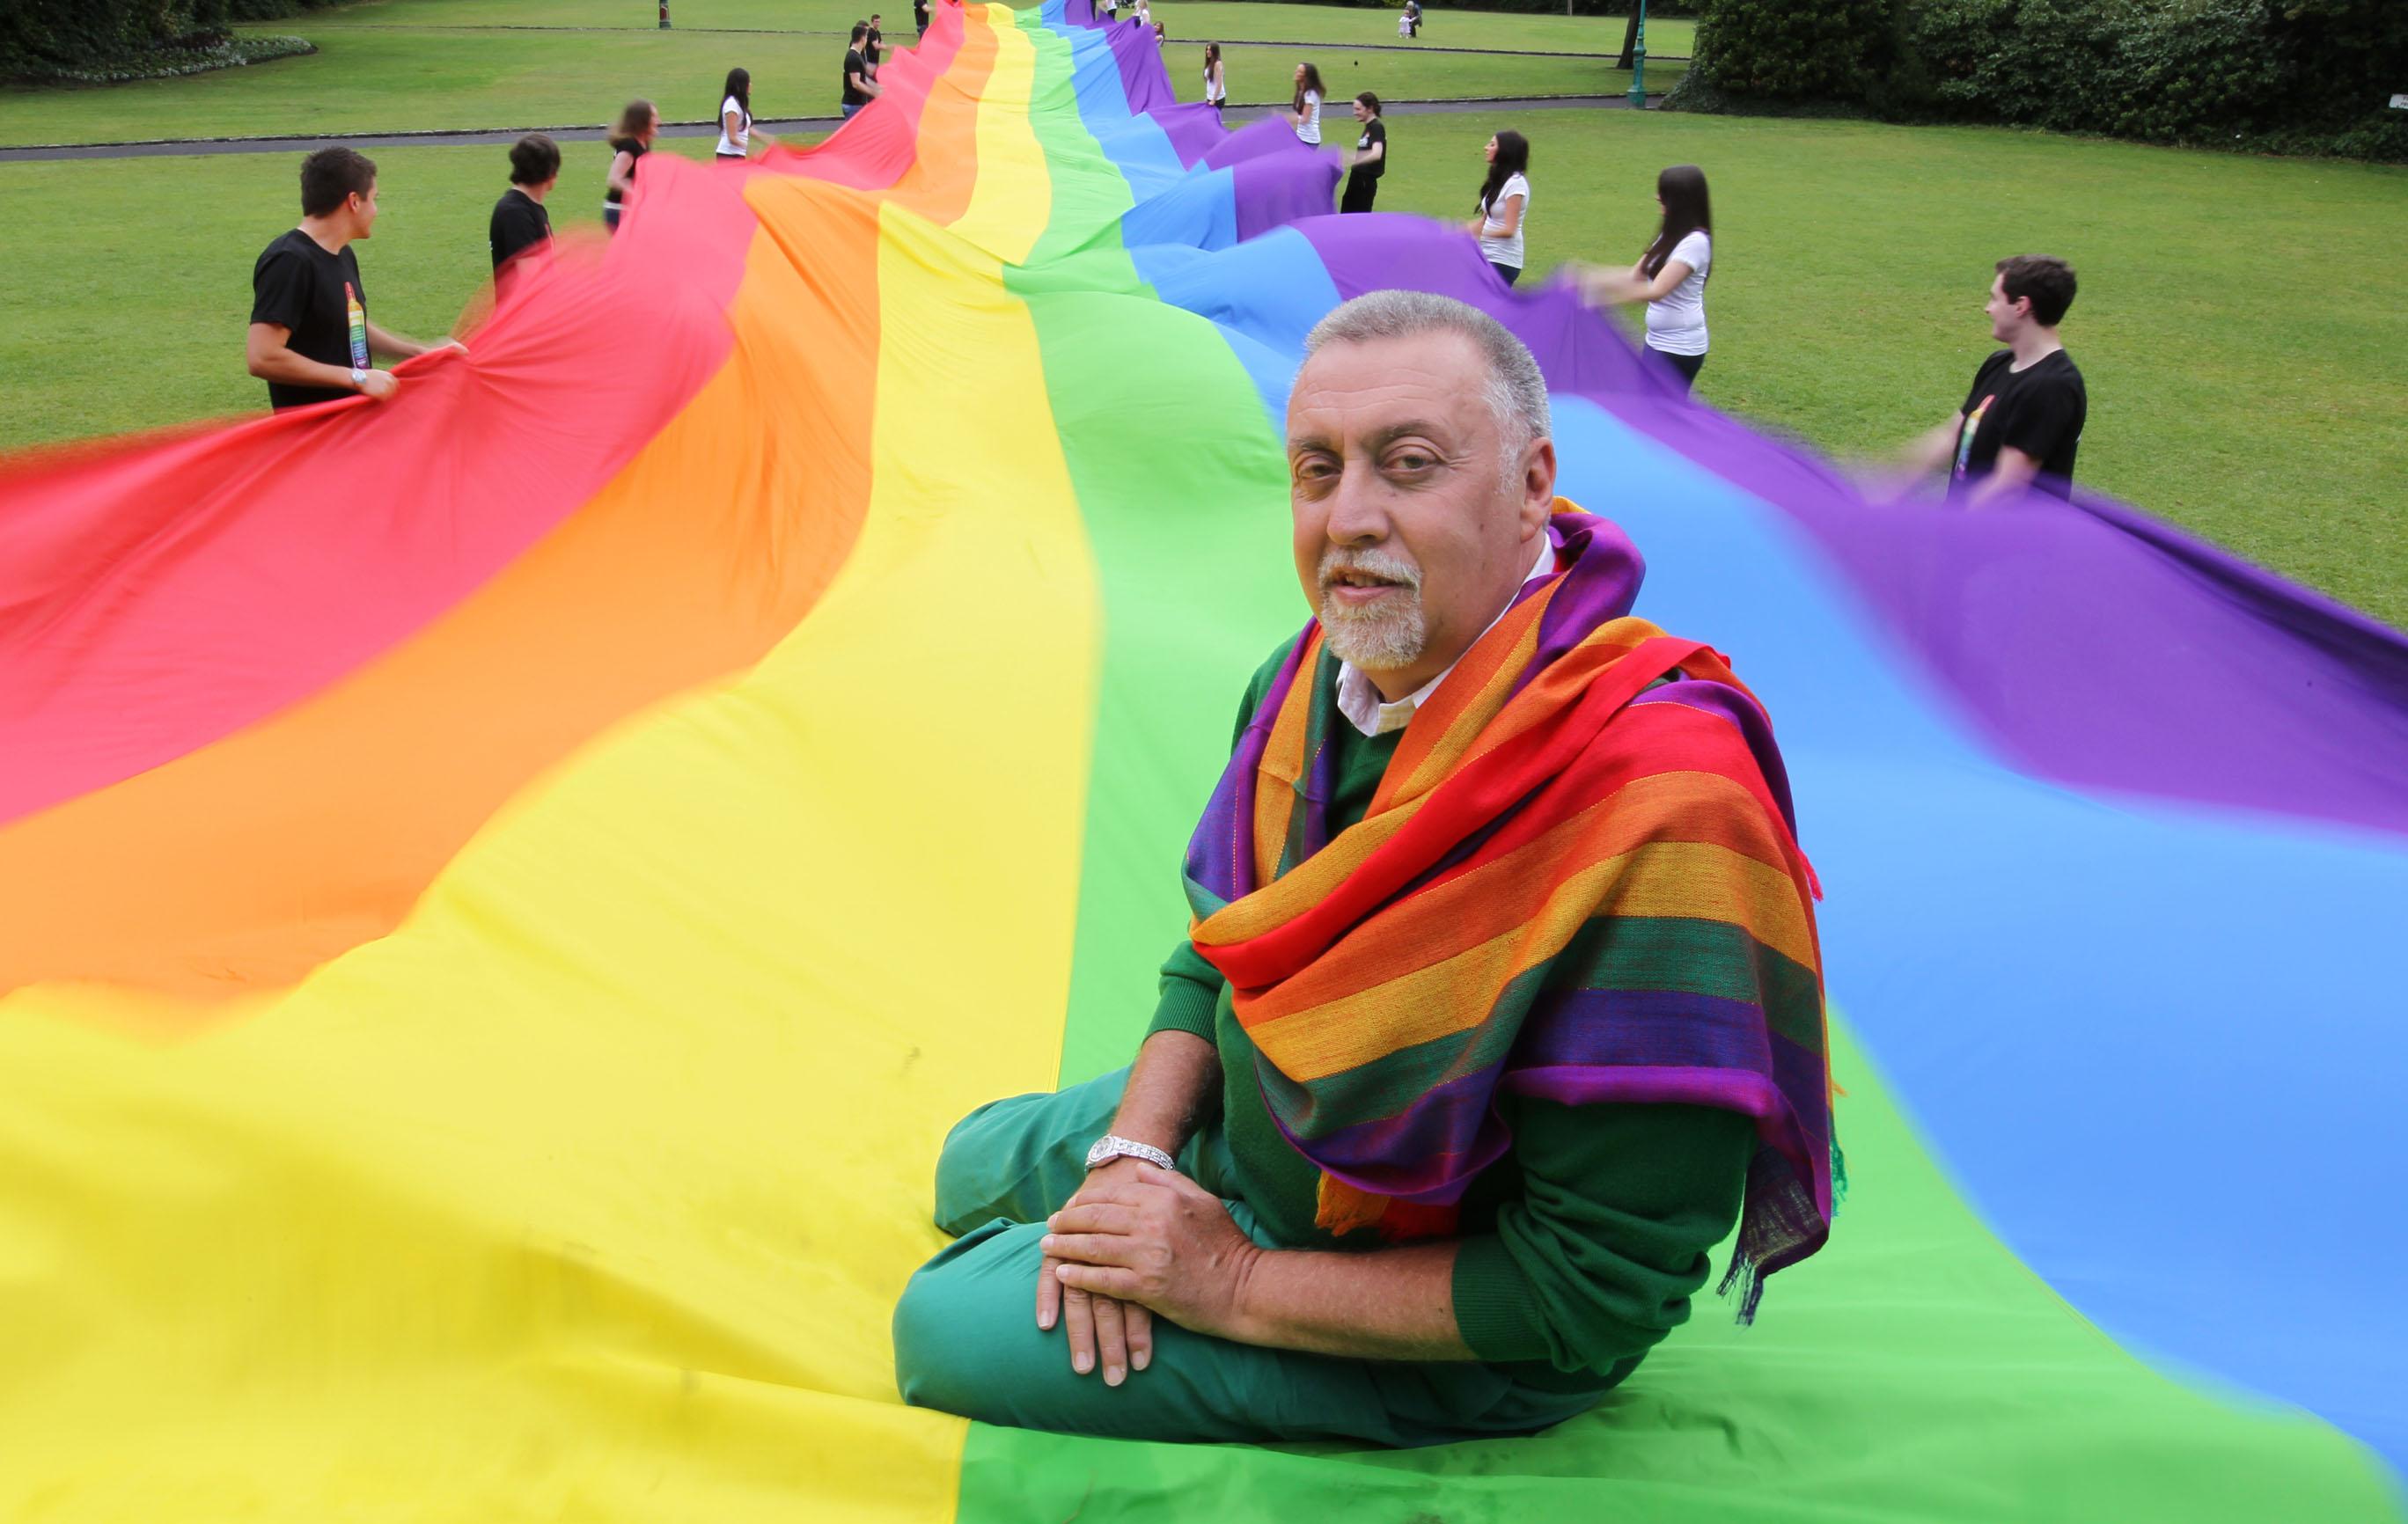 Gökkuşağı Bayrağının Yaratıcısı Gilbert Baker 65 Yaşında Öldü